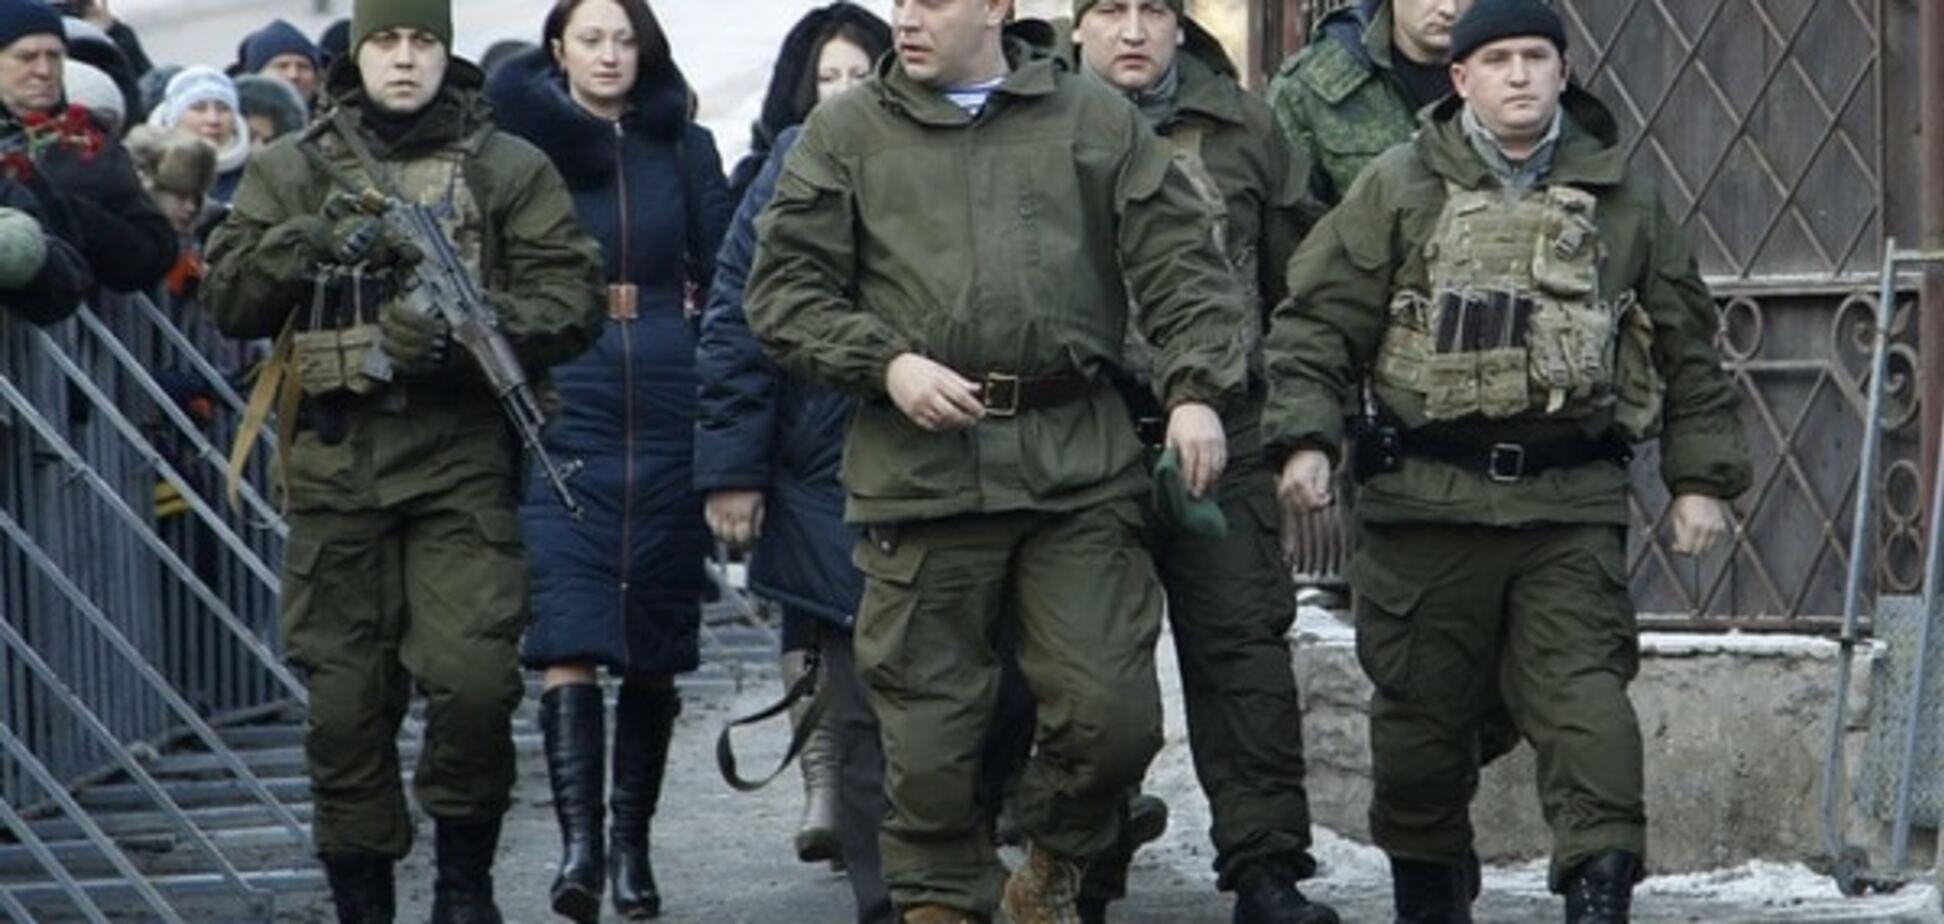 Штаб: бойцам АТО пришлось дать отпор 'обнаглевшим оккупантам'